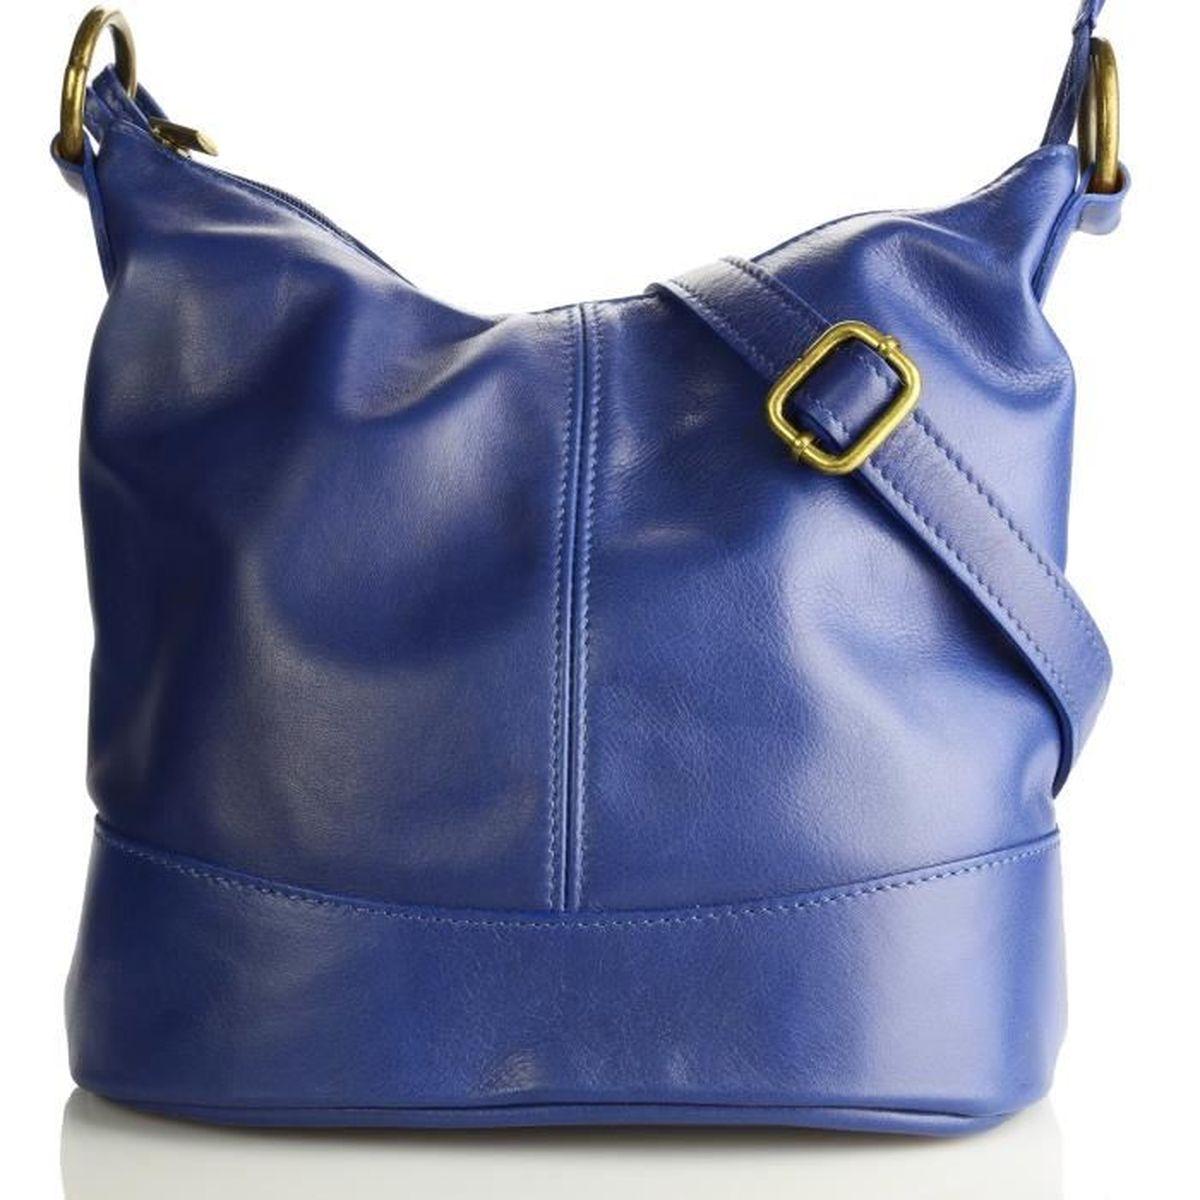 Olivia - Sac à main femme en cuir porté main   bandoulière Modèle  NINA   Collection printemps été - Petit - (Bleu - Cuir) a431721fc00